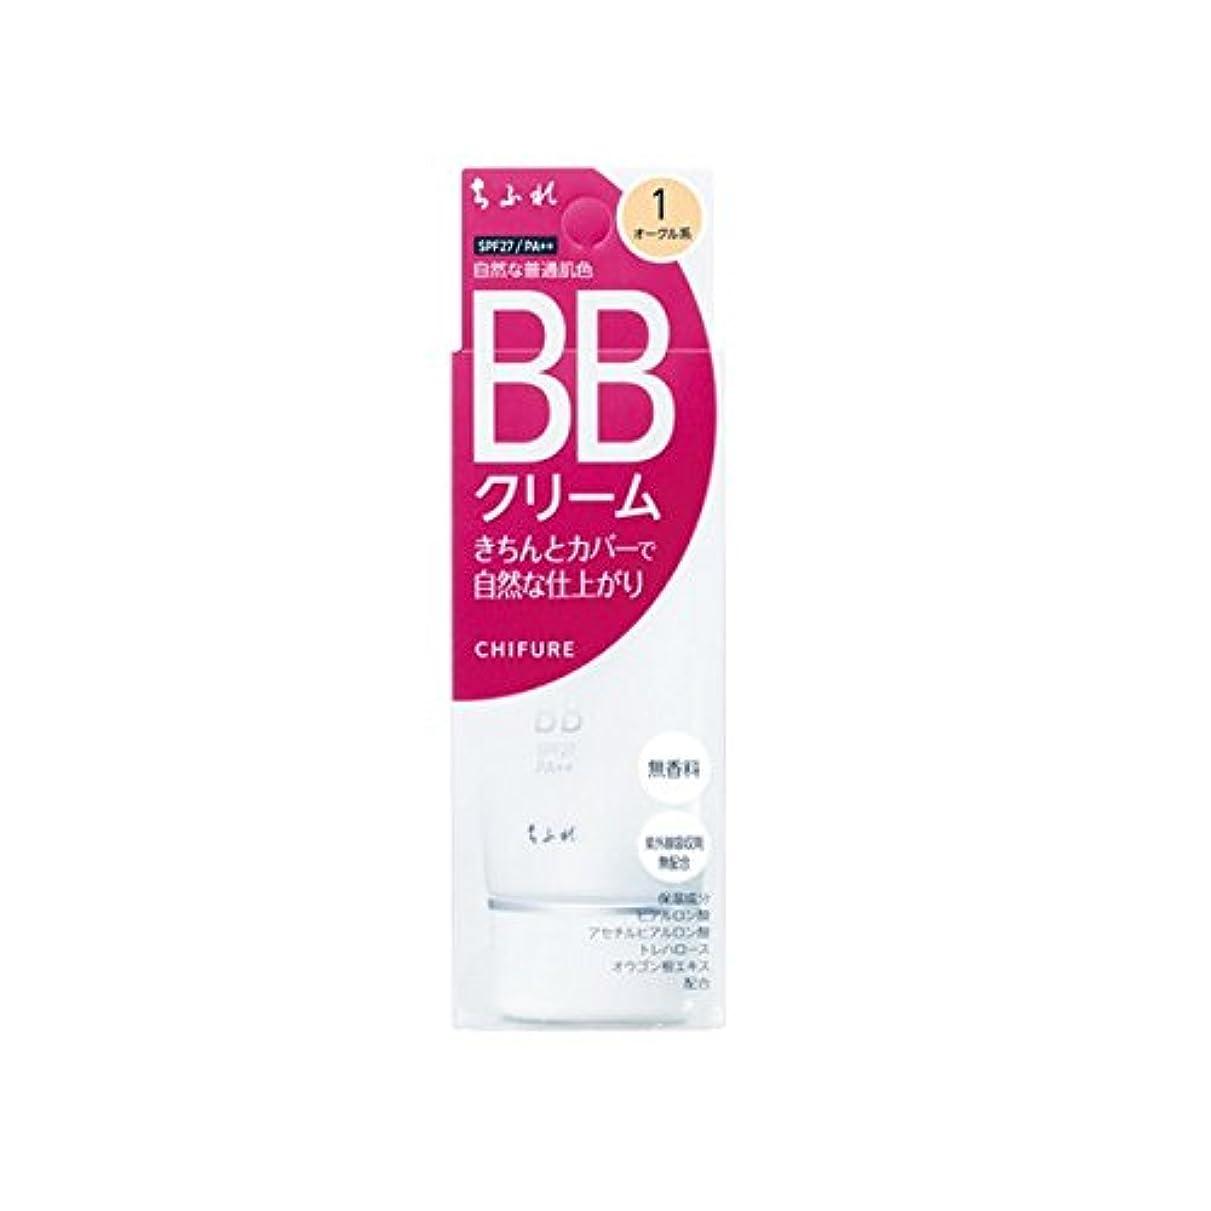 苦情文句楽観スリップちふれ化粧品 BB クリーム 1 自然な普通肌色 BBクリーム 1